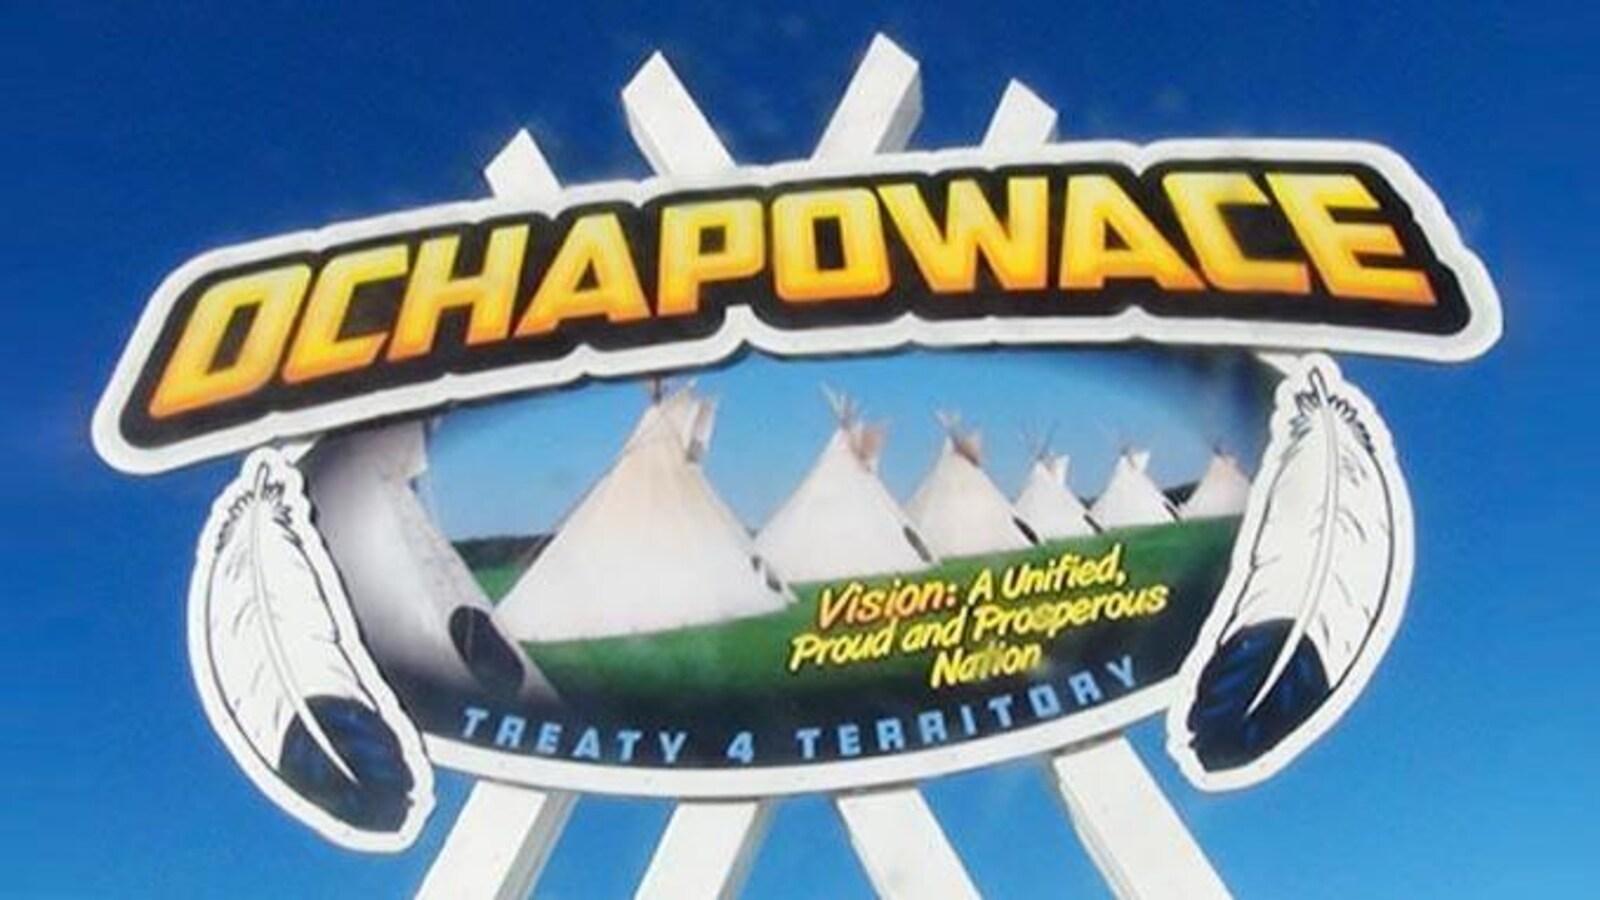 Logo de la Nation Ochapowace, représentant des tipis.